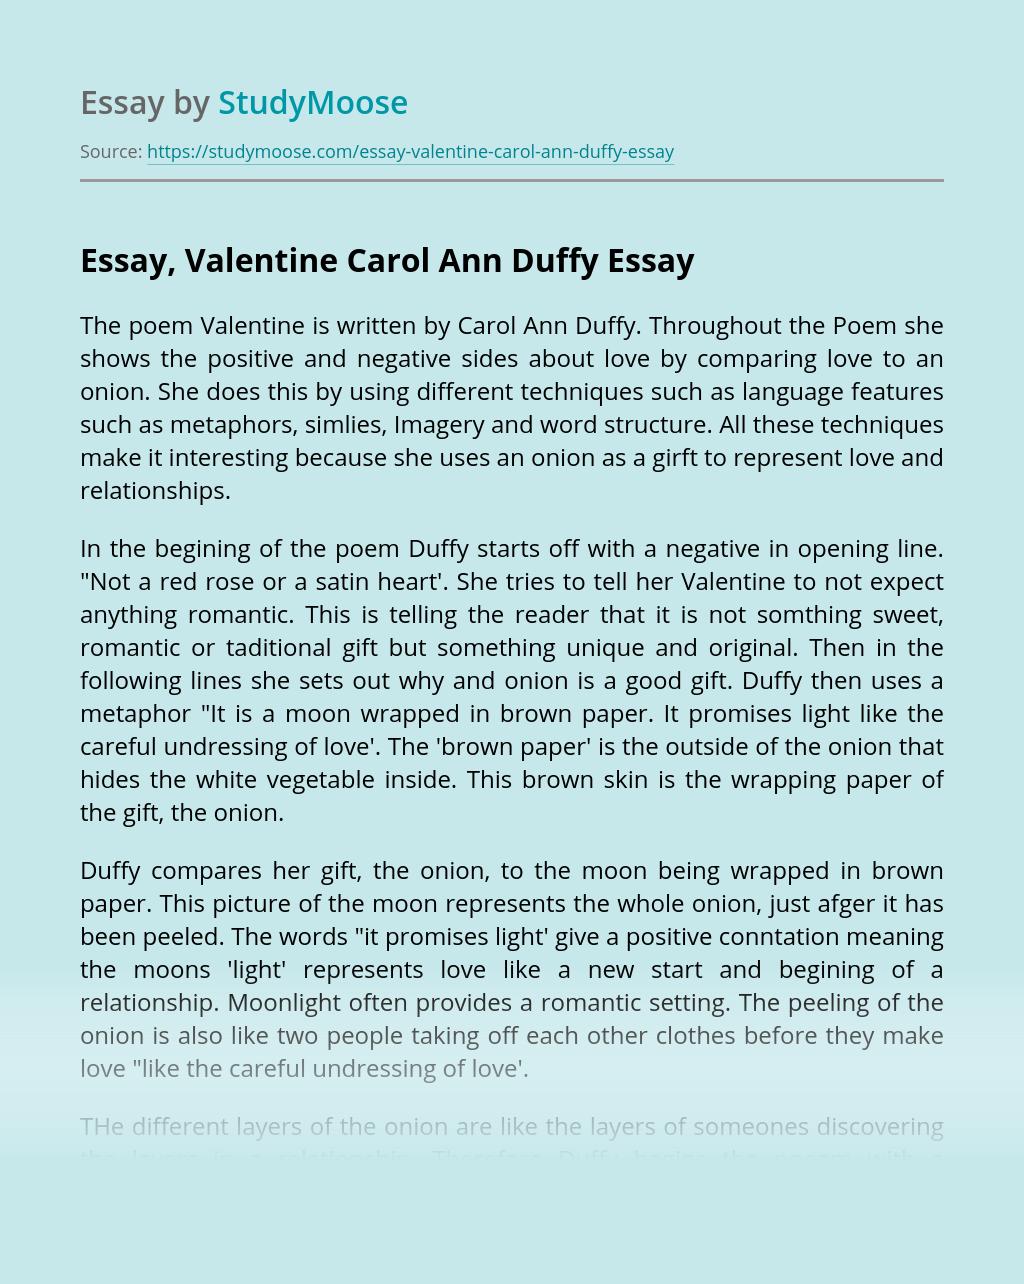 Essay, Valentine Carol Ann Duffy